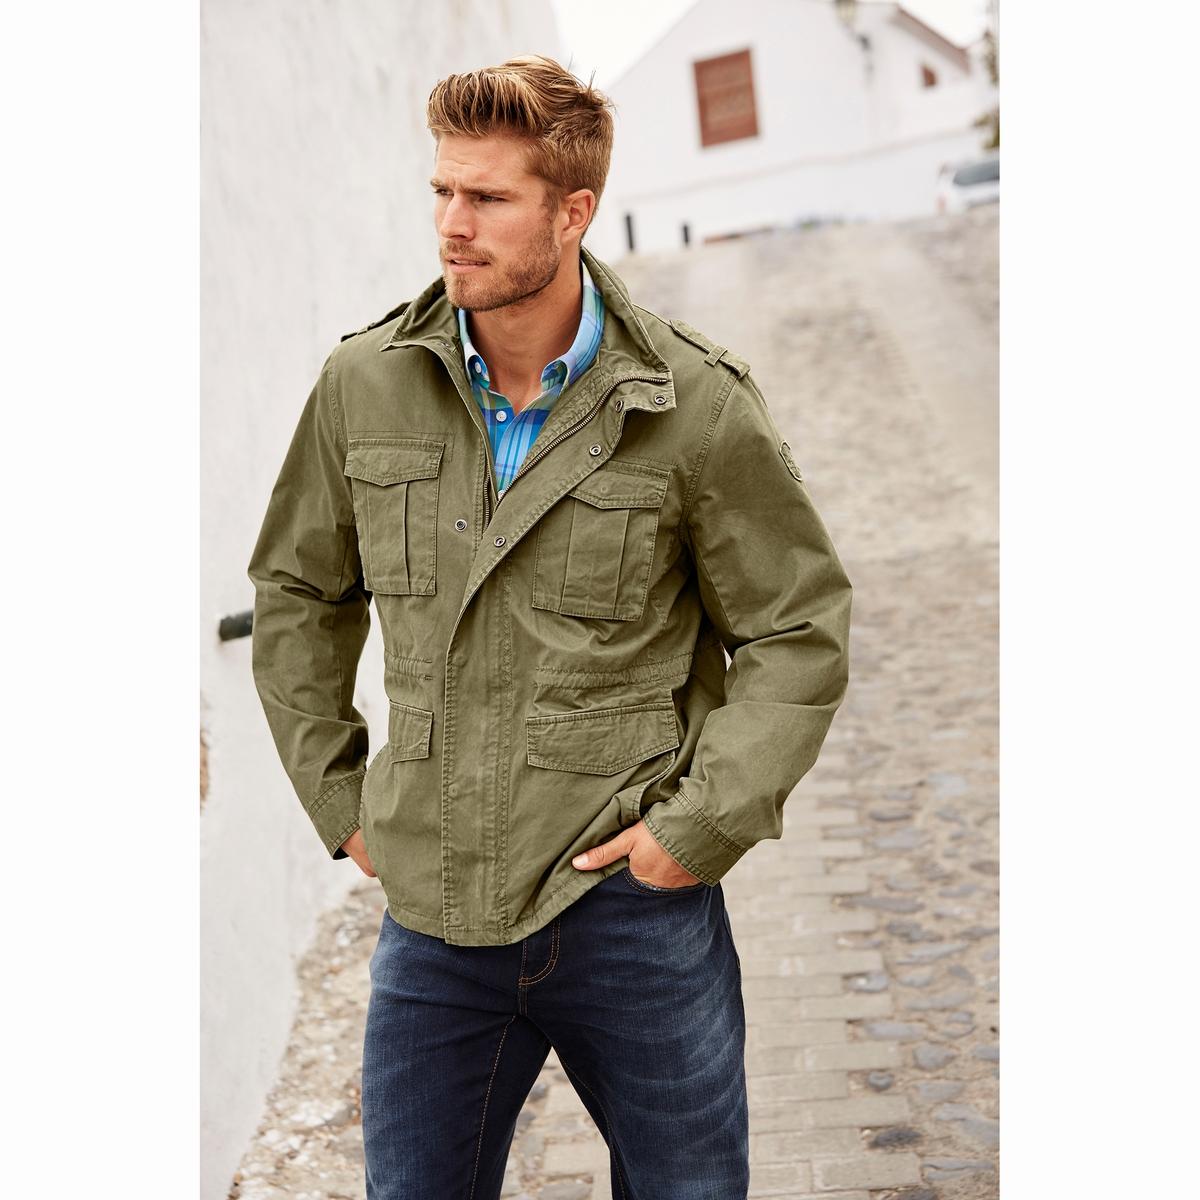 КурткаКуртка в стиле милитари JP1880. 100% хлопок. Подкладка: 100% хлопок.Прочный твил, прямой воротник, застежка на молнию, 2 нагрудных кармана, 2 кармана. Длинные карманы на кнопке, подкладка из хлопка с рисунком. Длина в зависимости от размера 72-81,5 см<br><br>Цвет: хаки<br>Размер: 7XL